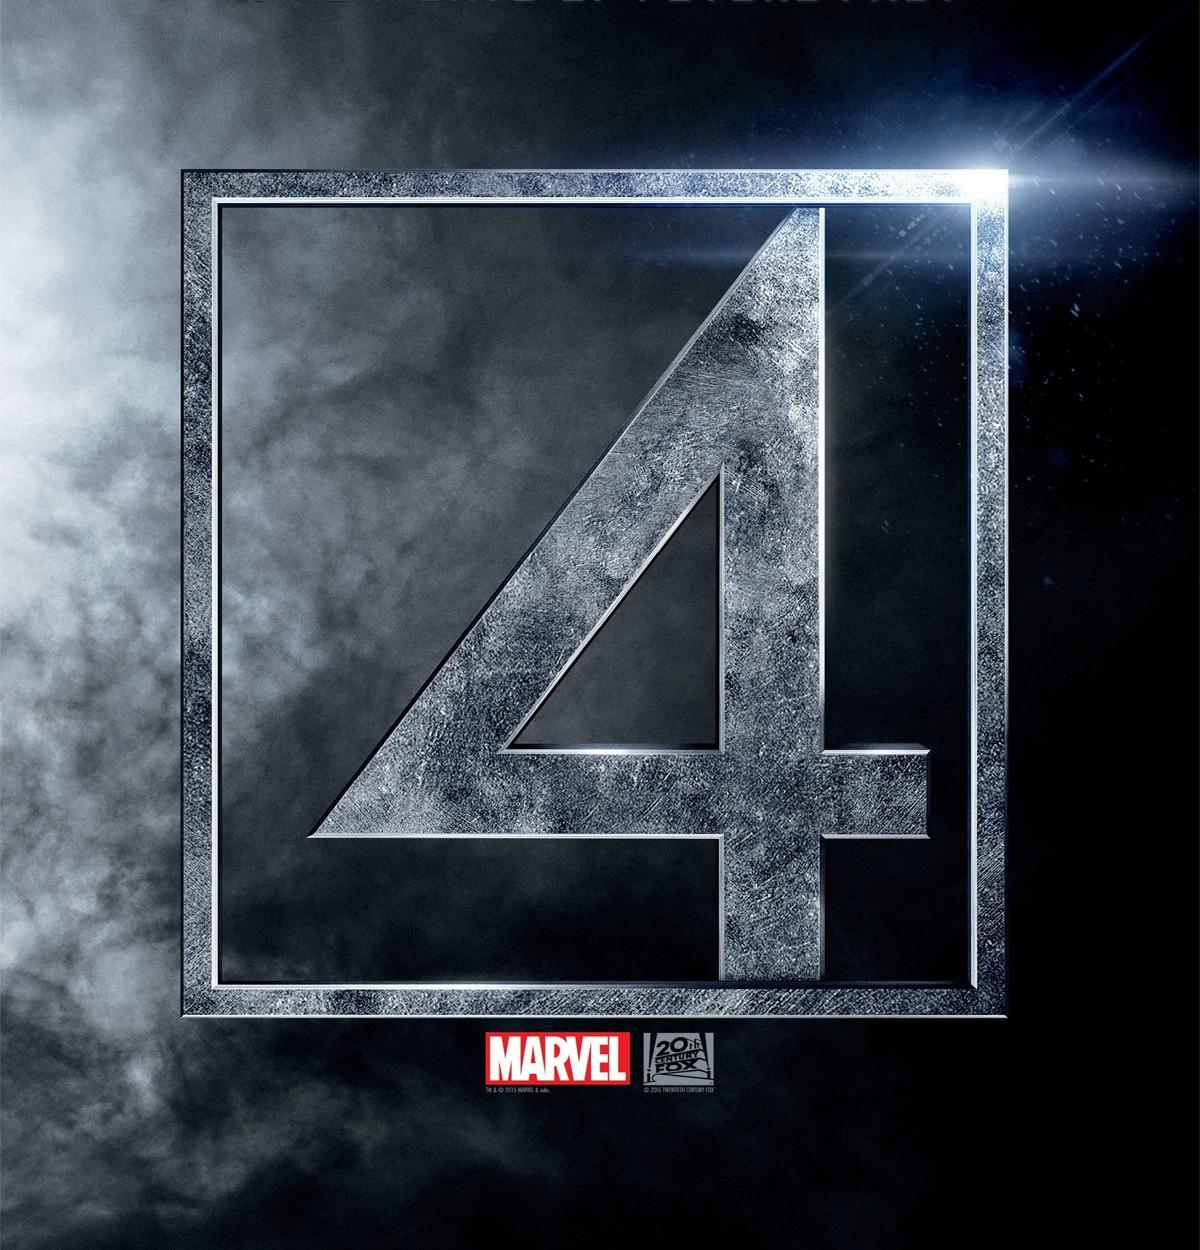 Les 4 Fantastiques 3 : Fatalis dans le nouveau trailer !